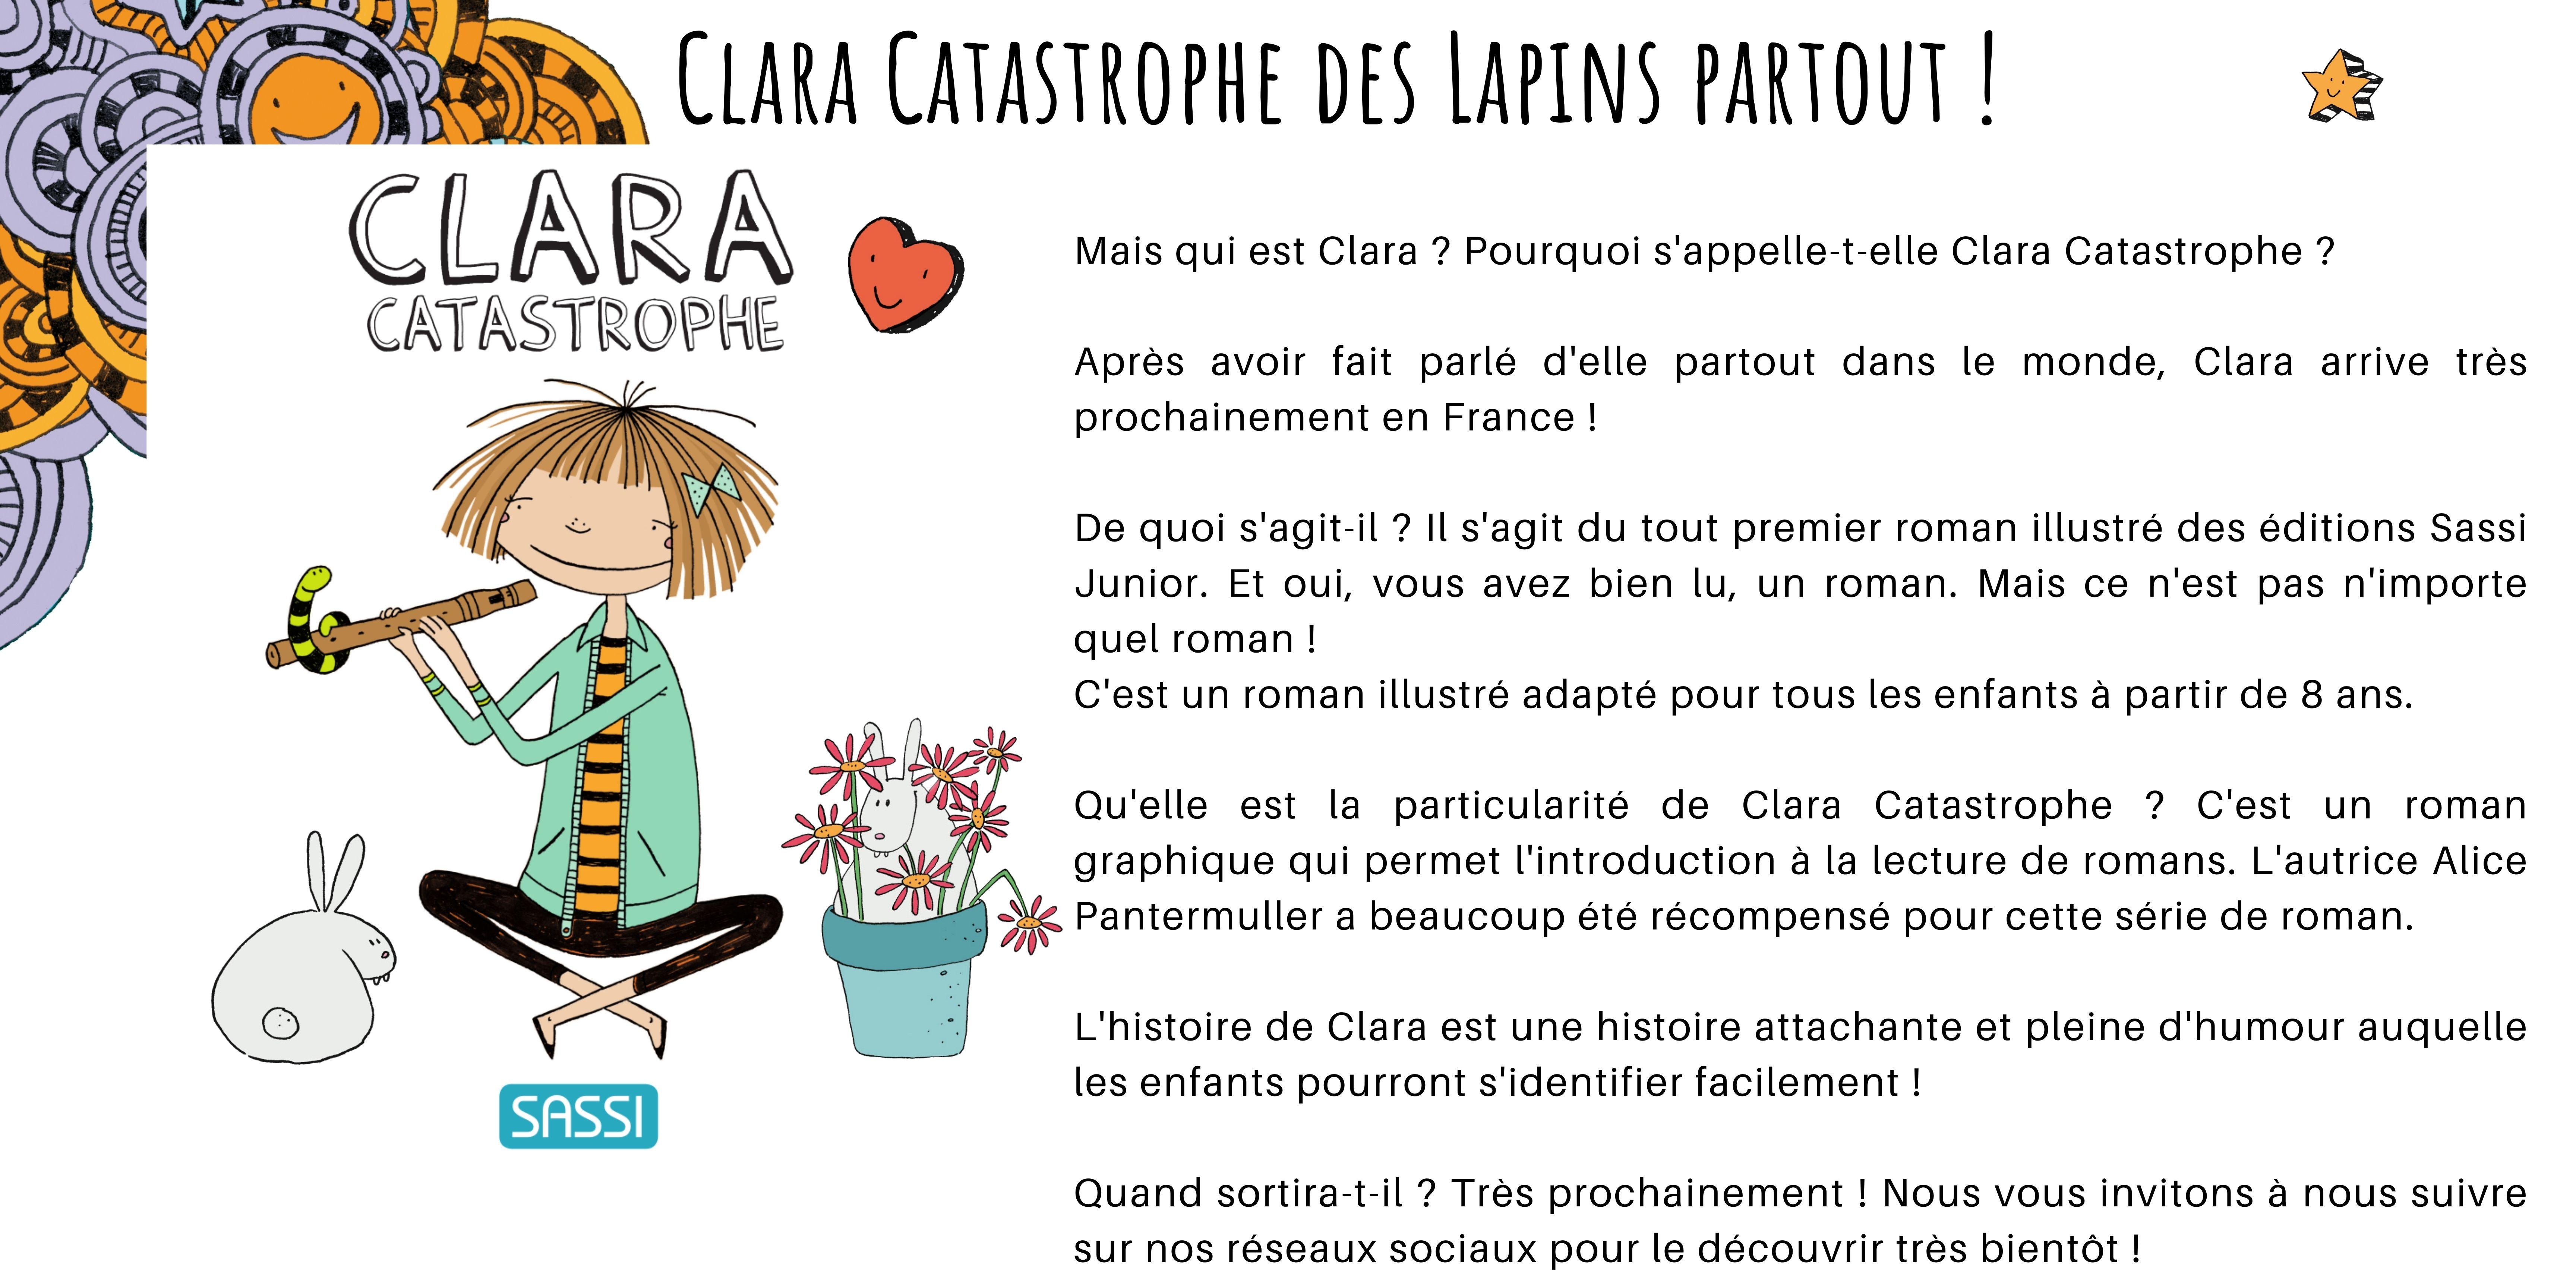 Clara Catastrophe